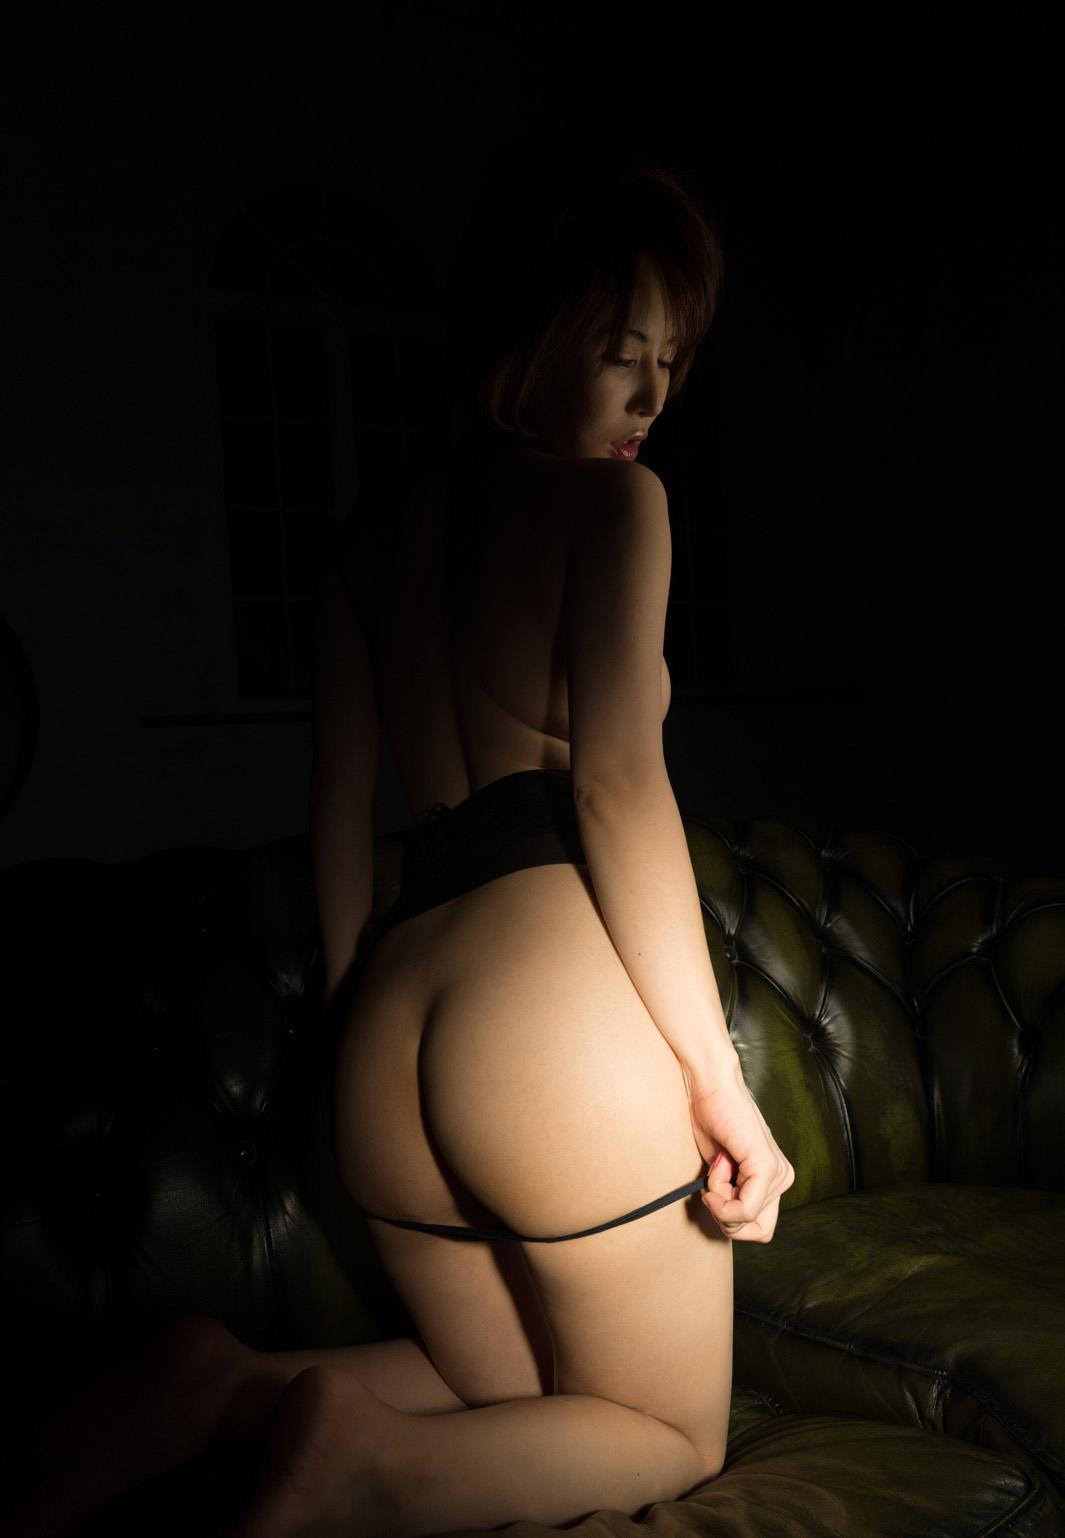 里美ゆりあ(小泉彩) ヌード画像 118